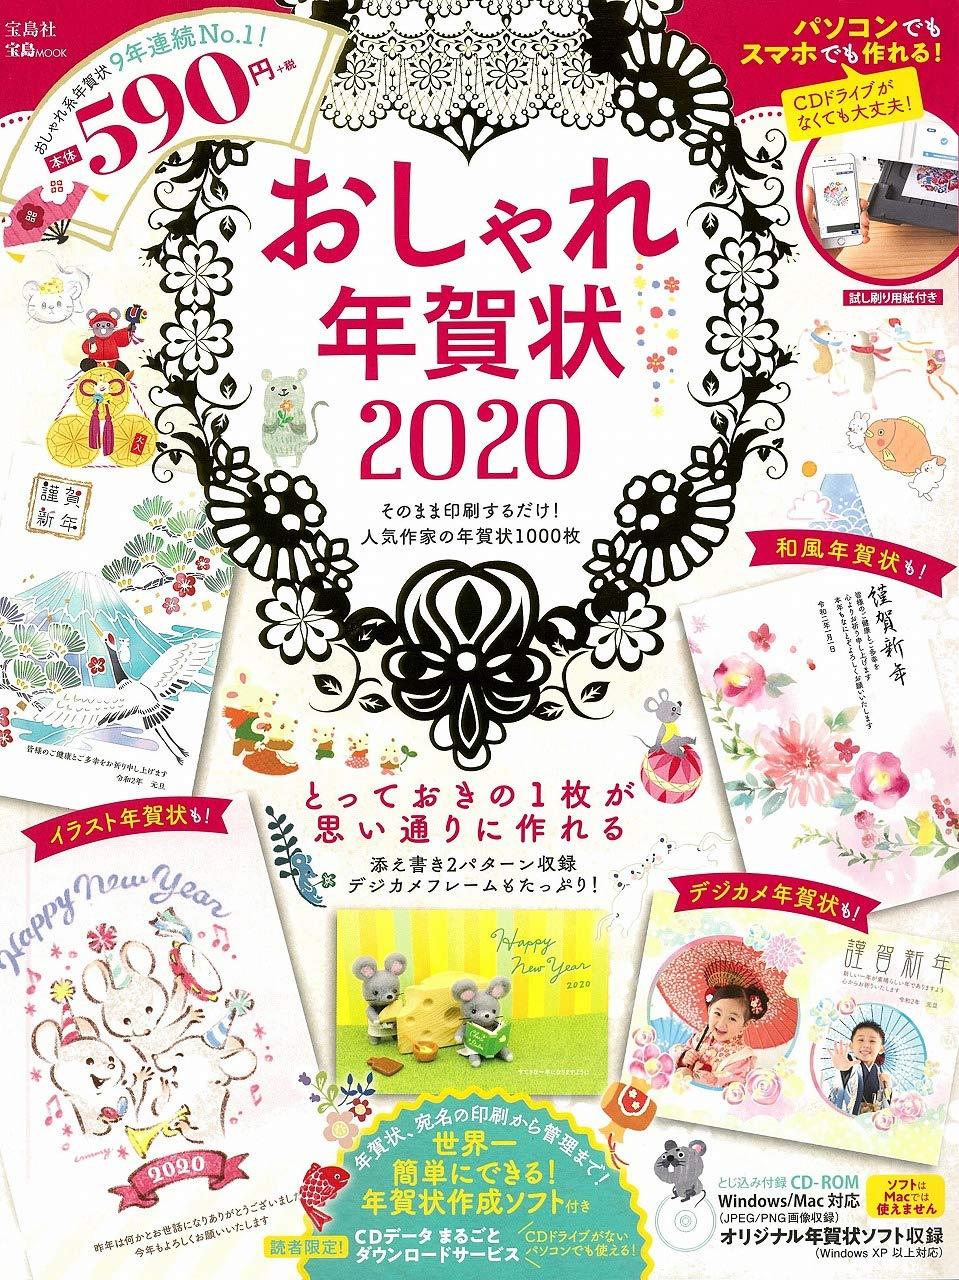 おしゃれ 年賀状 2020 デザイナー年賀状2021(丑年・うし年)オシャレデザイン即ダウンロード・格安印刷|WTP企画株式会社